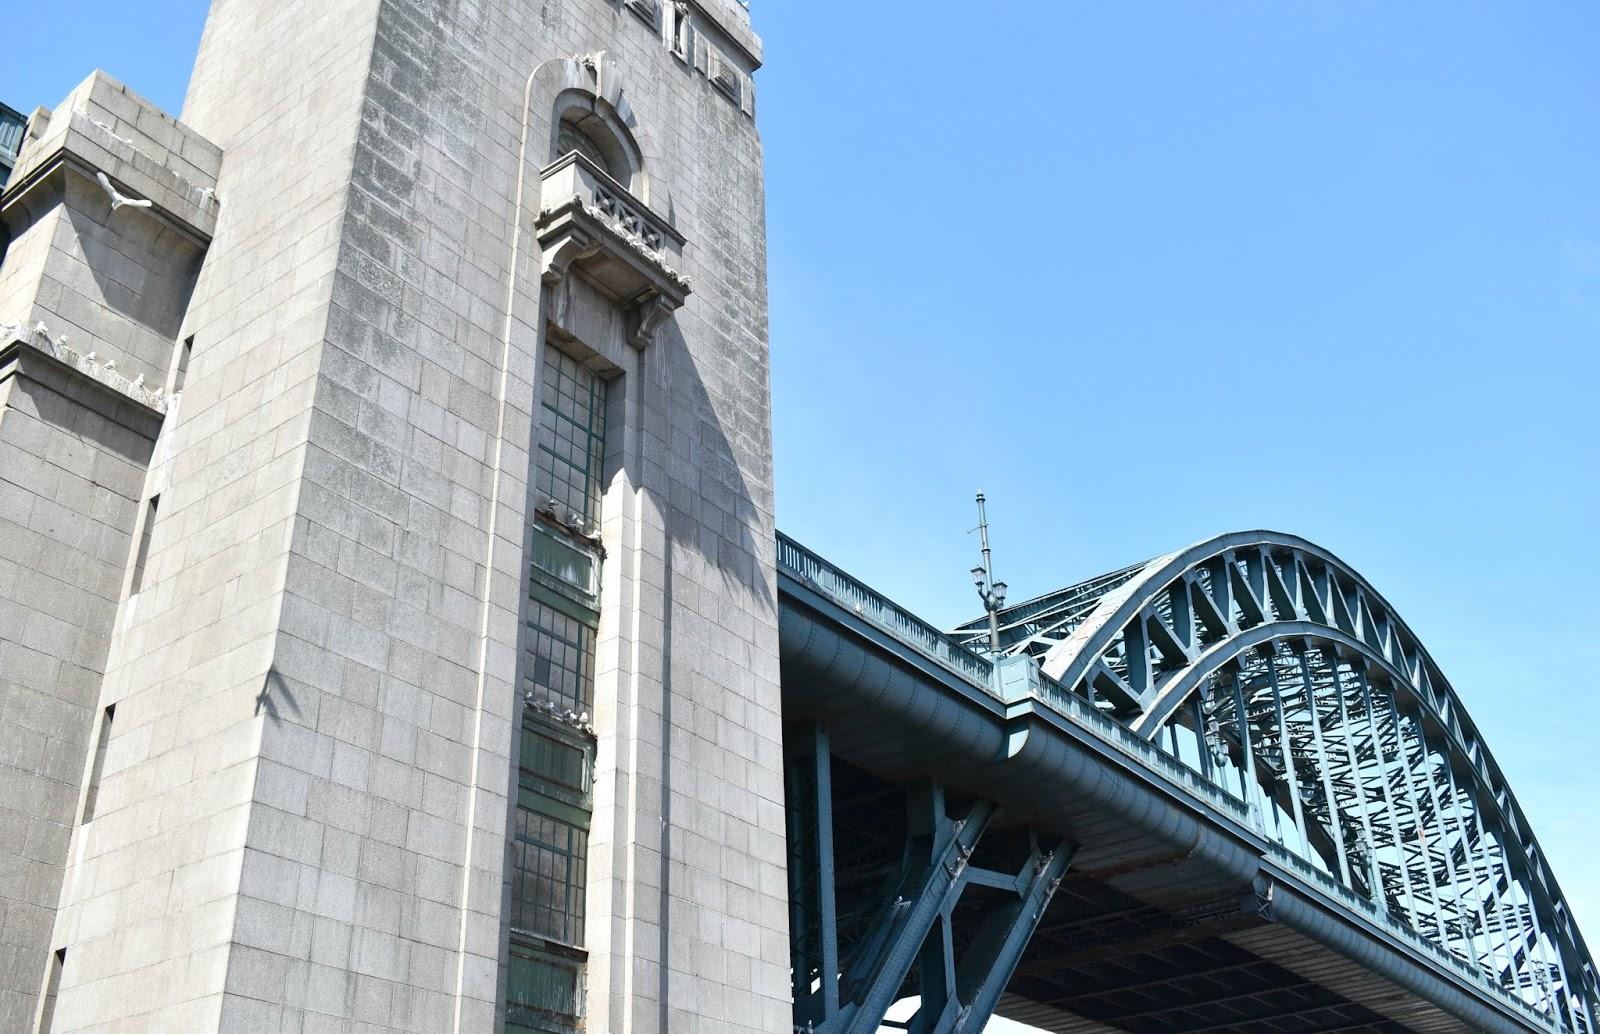 Tyne Bridge Kittiwakes - Newcastle